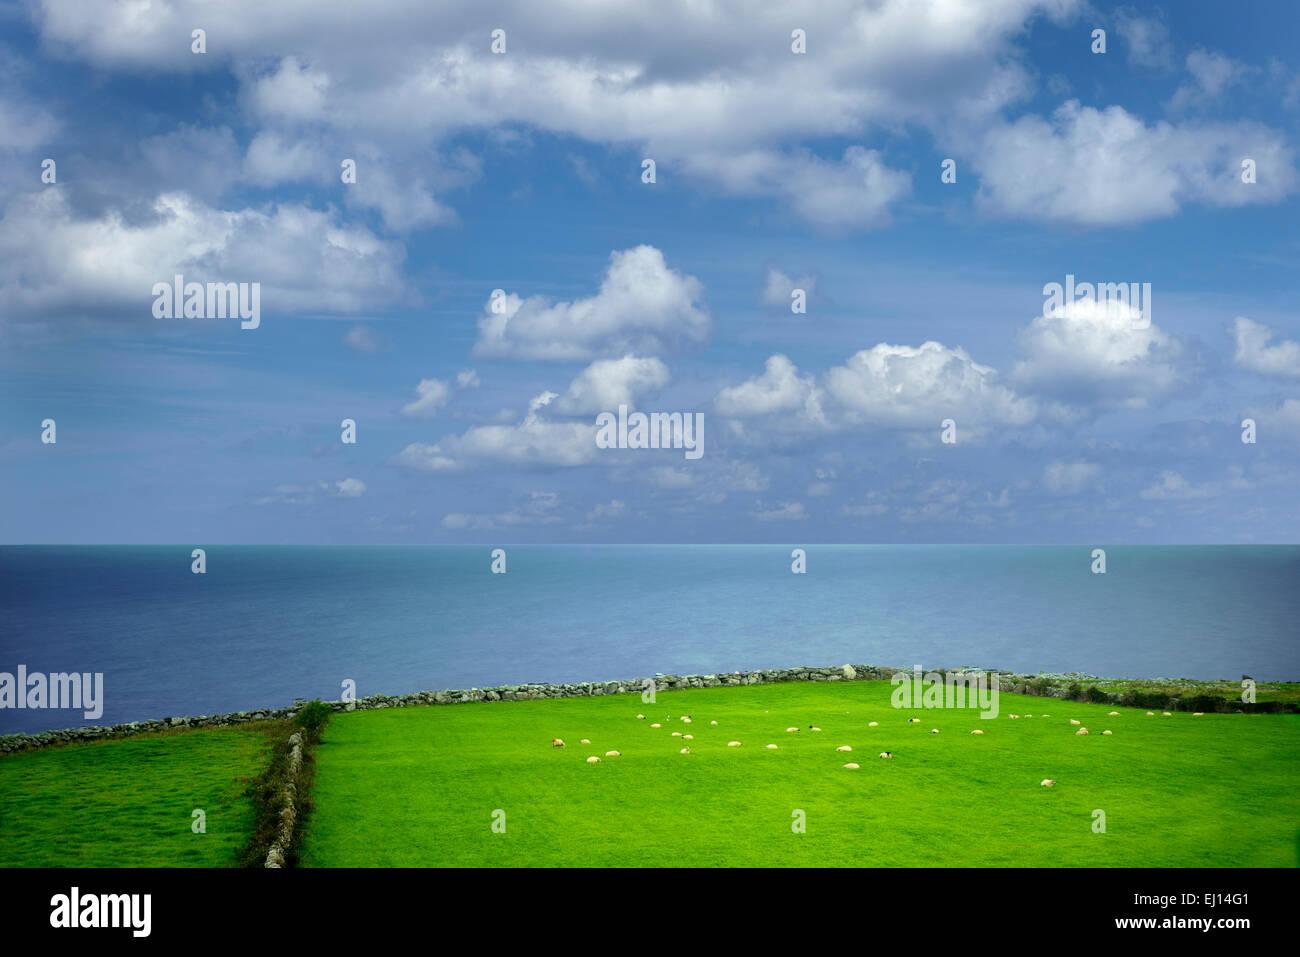 Las ovejas en la pastura con el océano. La Bahía de Galway, Cabeza Negra, el Burren, Irlanda Foto de stock